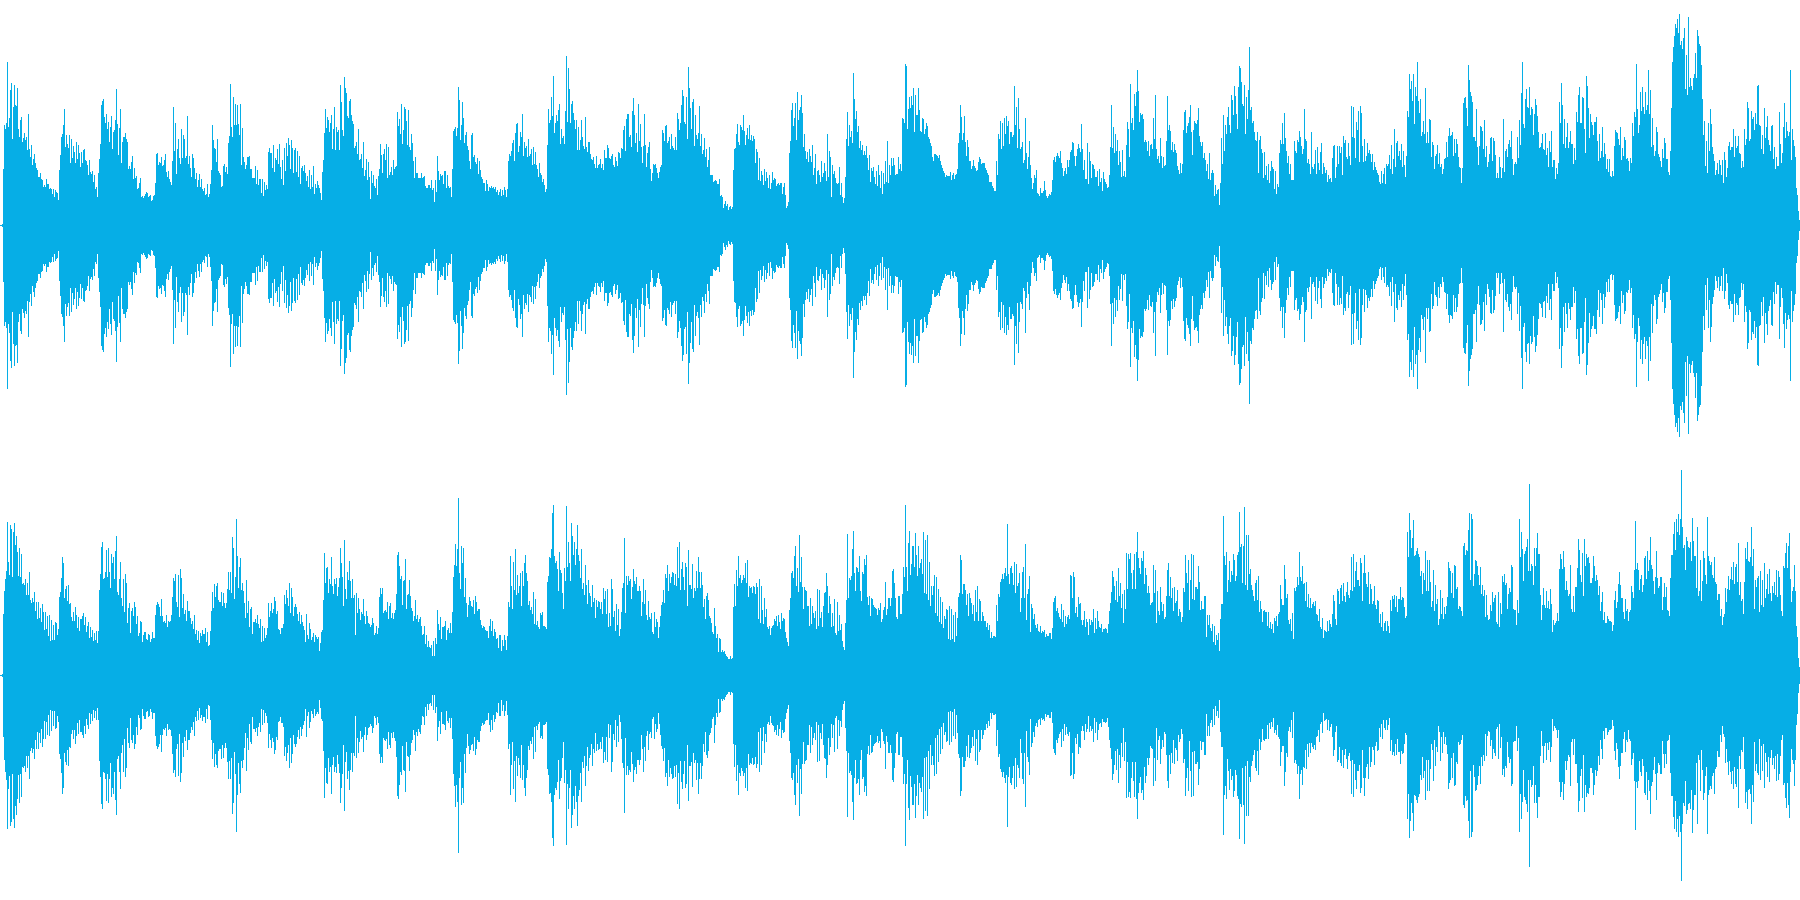 ゆったりしたラグタイム風のループ用BGMの再生済みの波形